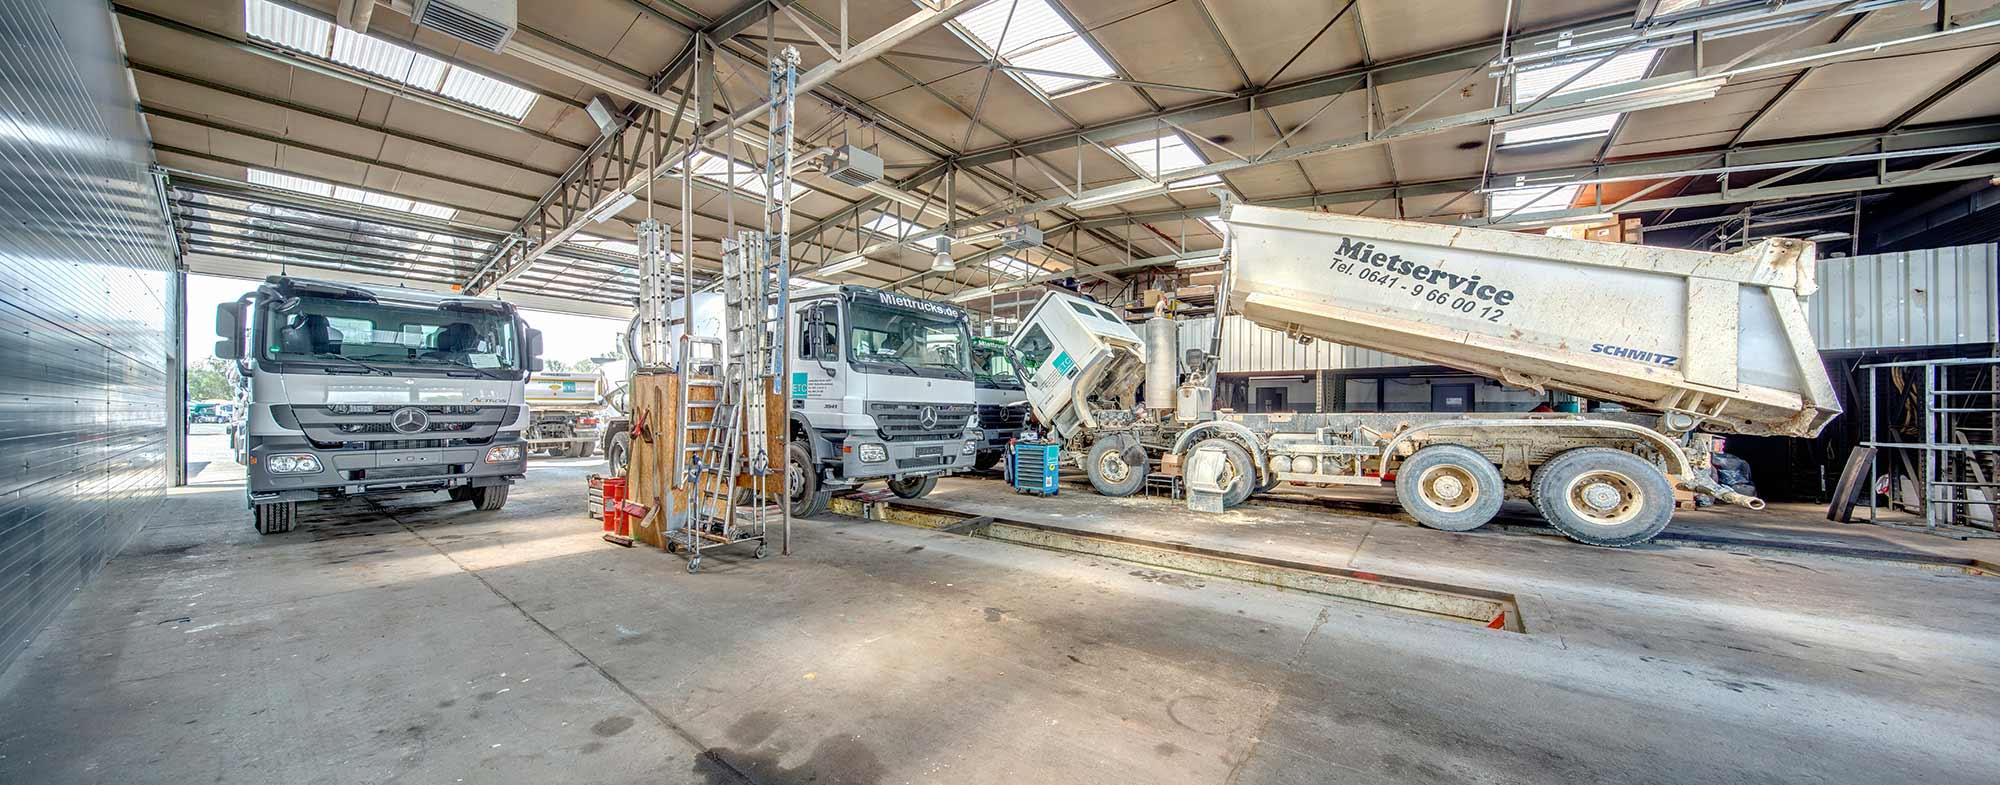 Zuverlassige LKW Werkstatt in Giessen